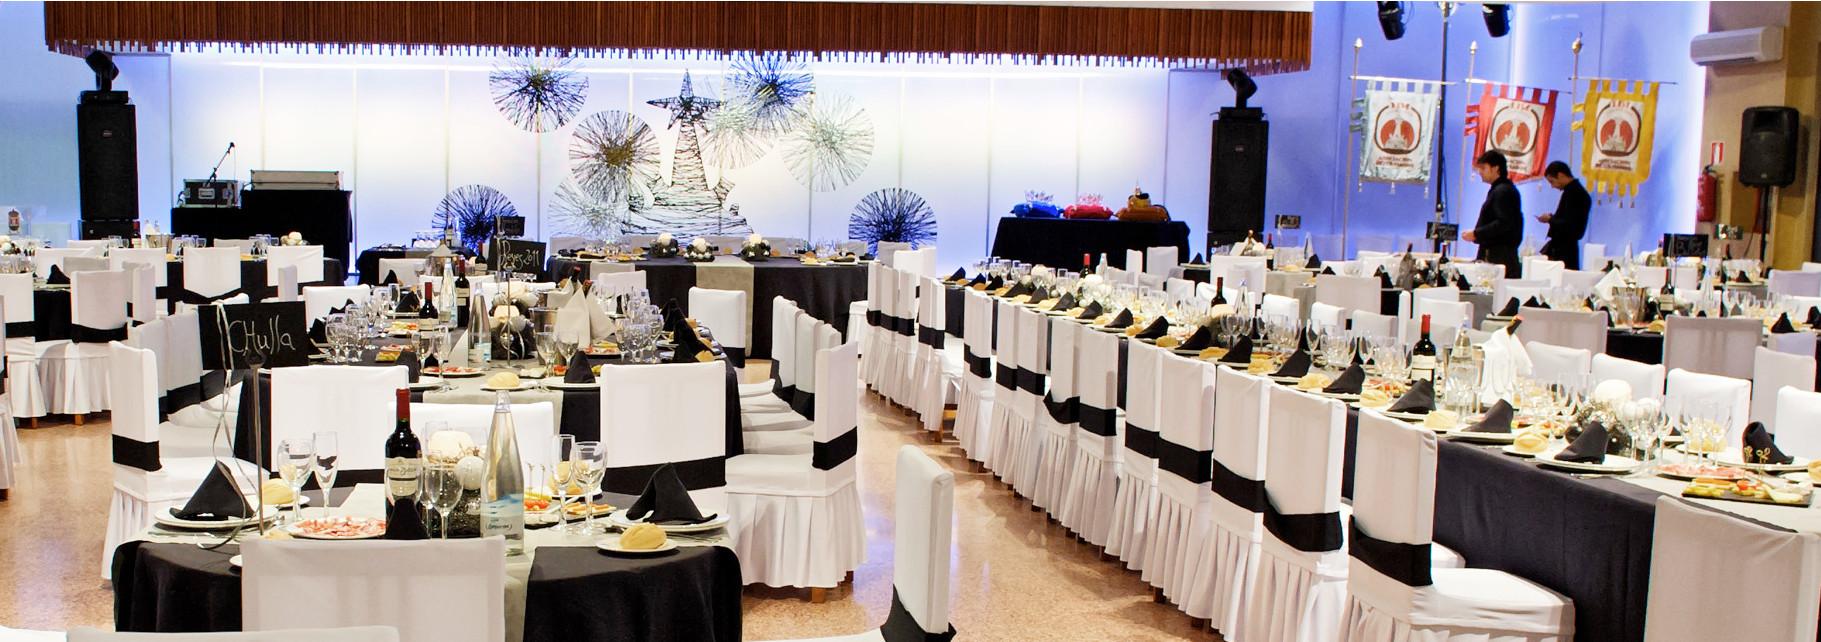 29-Desembre, Data Límit per Confirmar l'Assistència i Pagar el Sopar de l'Herald / 29-Diciembre, Fecha Límite para Confirmar la Asistencia y Pagar la Cena del Heraldo